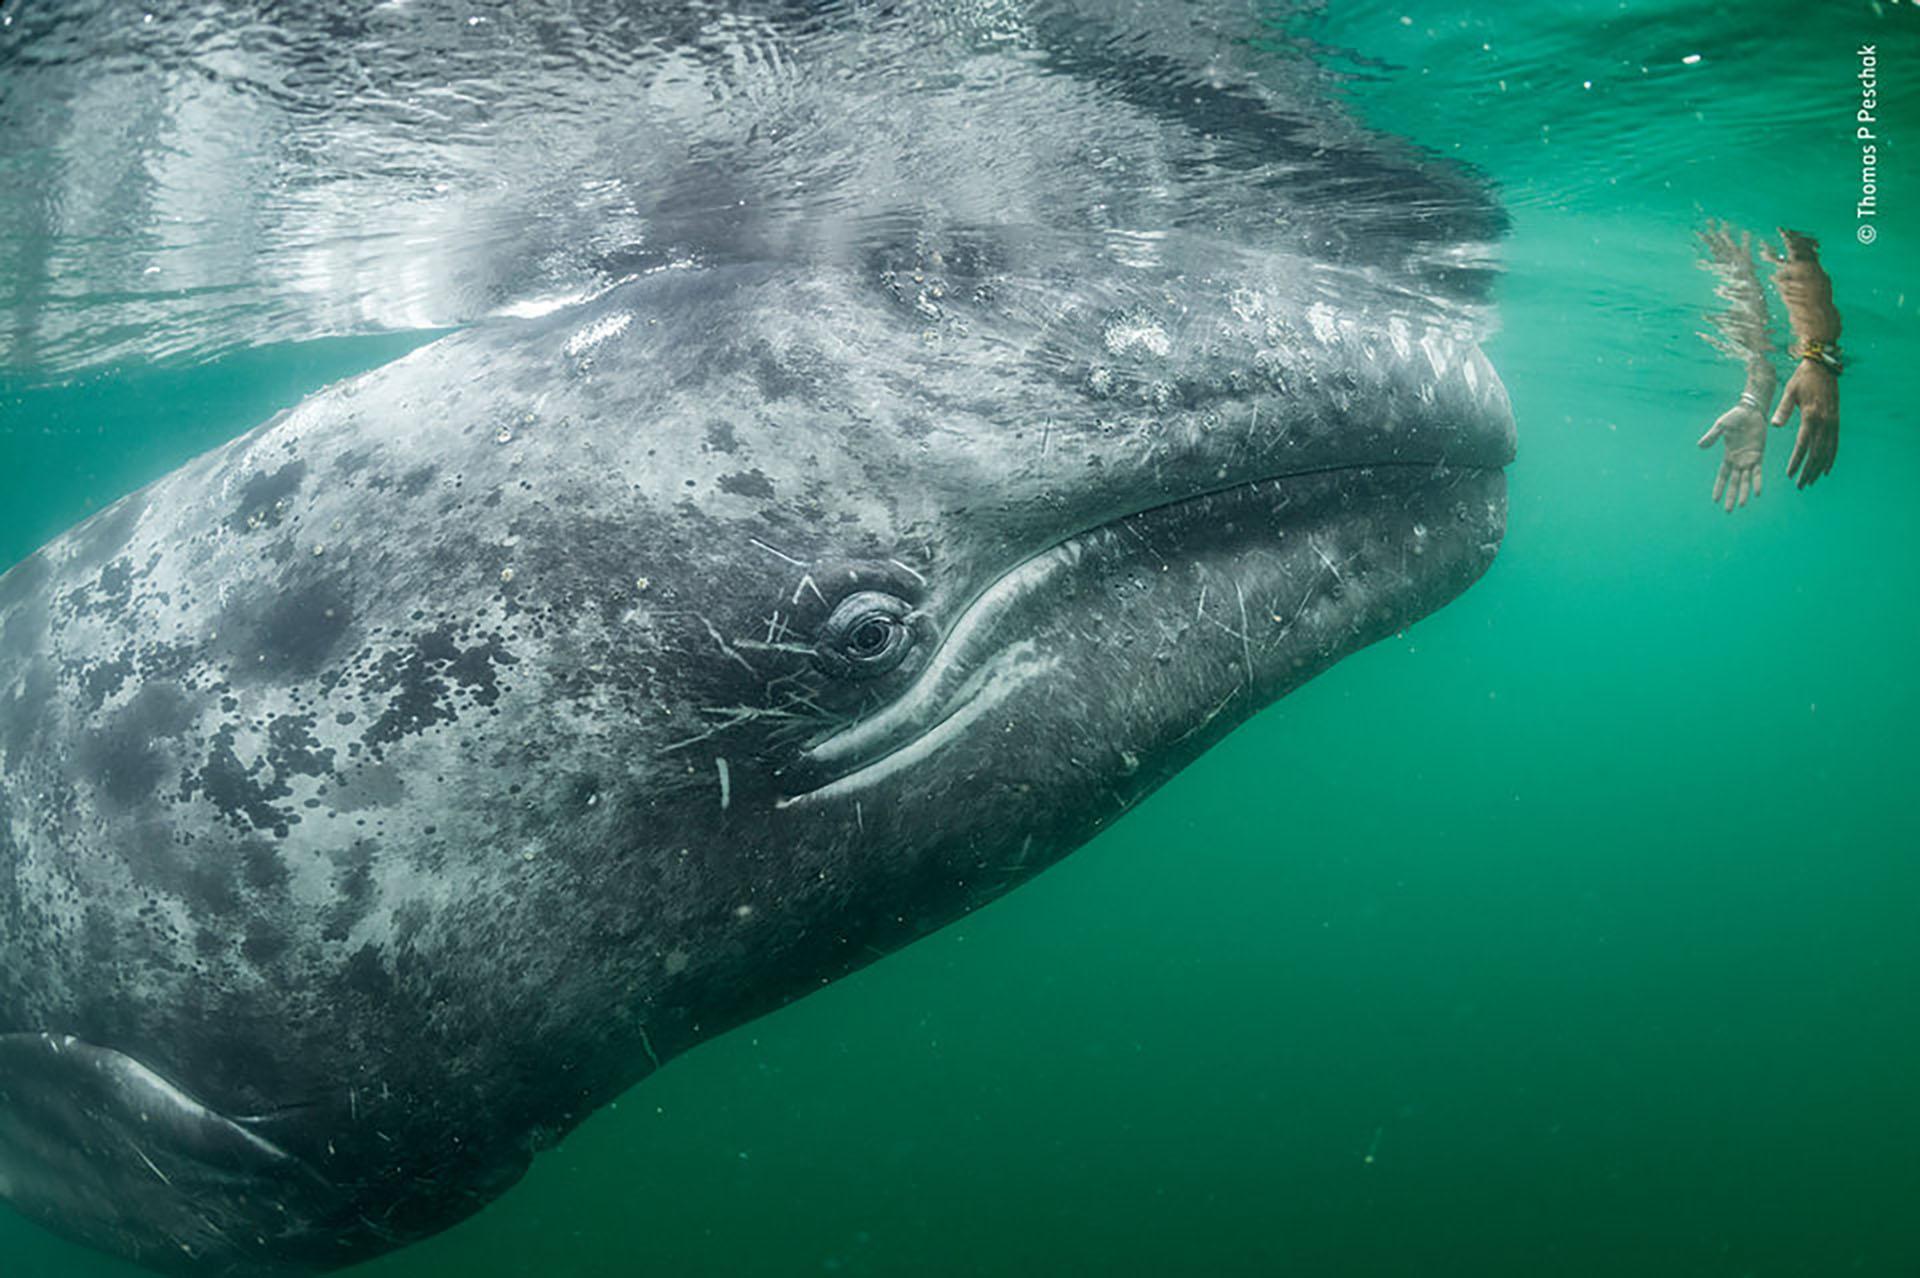 Una ballena gris se acerca a un par de manos bajando de un barco turístico en la Laguna San Ignacio, en la costa de Baja California, México (Thomas P. Peschak/Fotógrafo de vida silvestre del año)